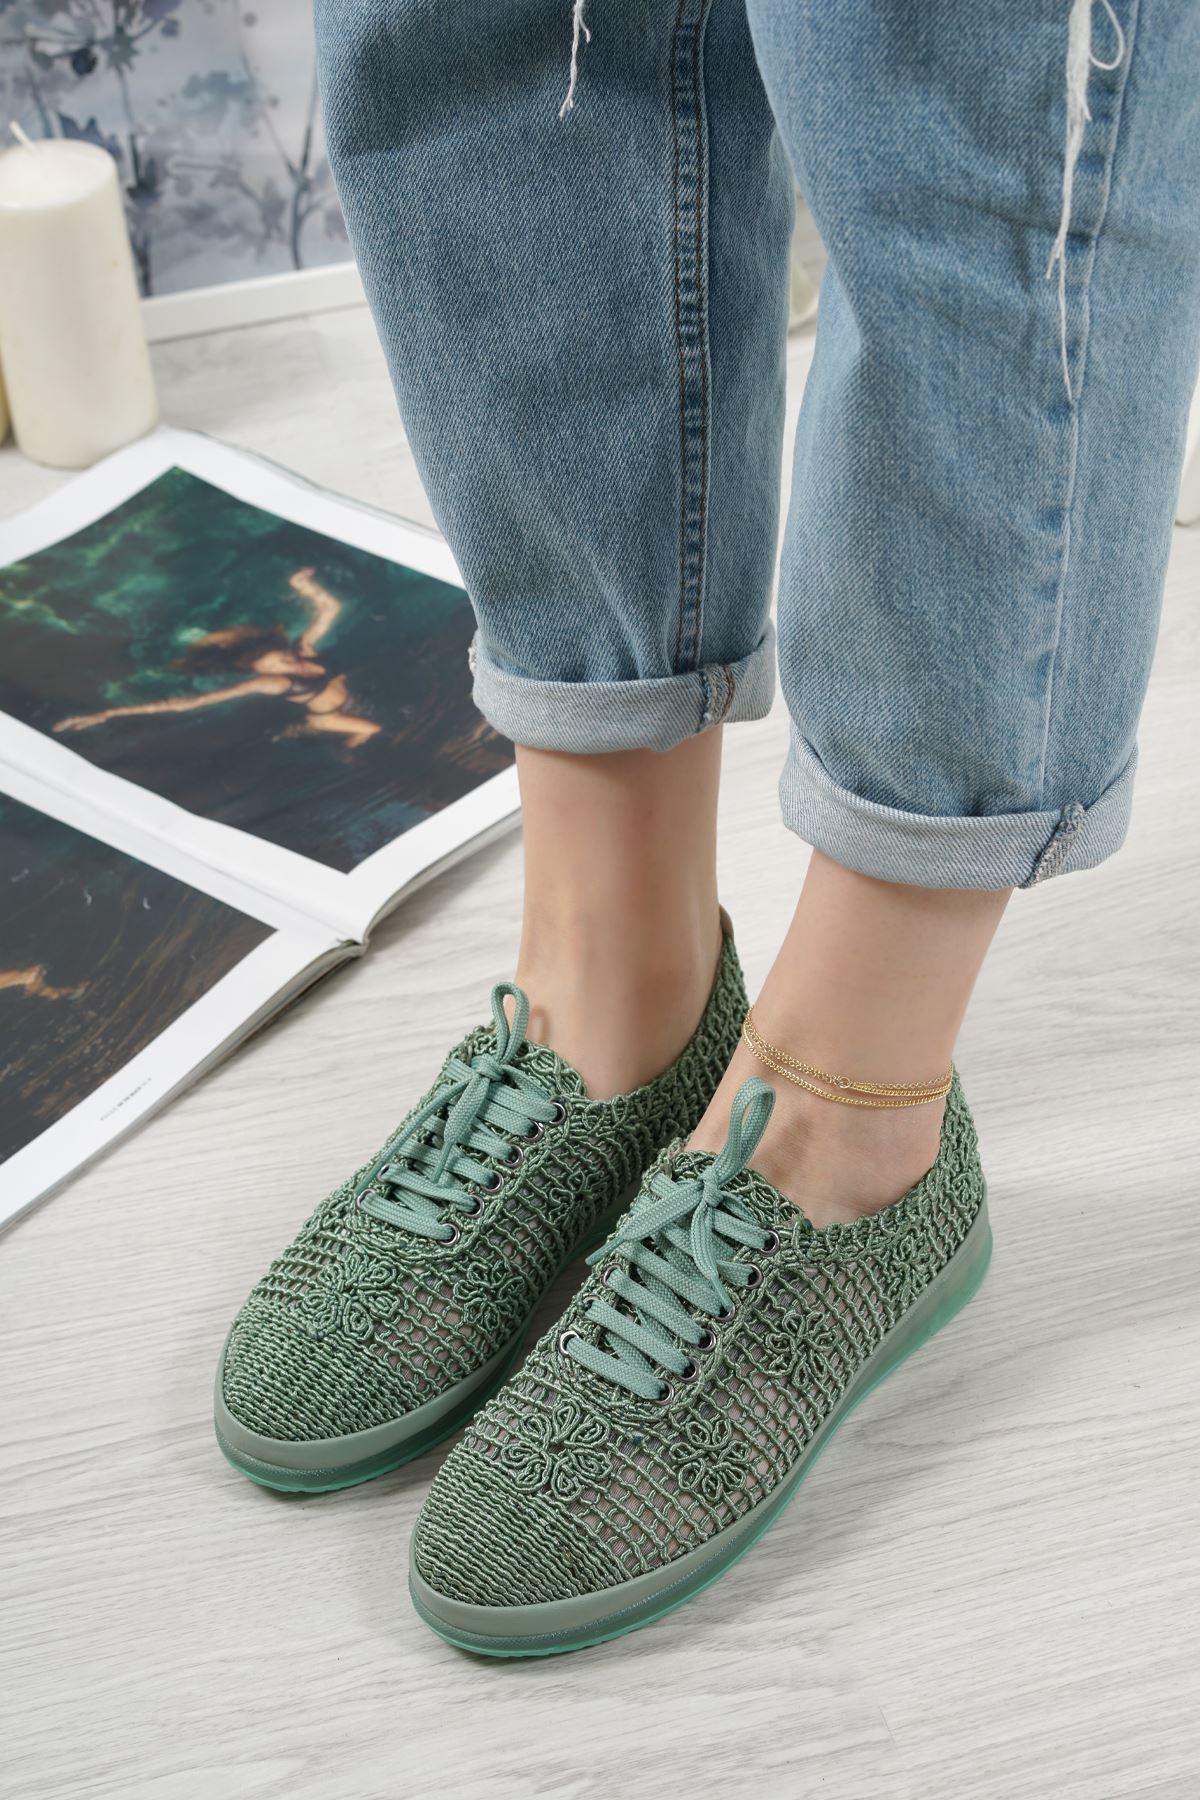 Danil Yeşil Dantel Kadın Spor Ayakkabı